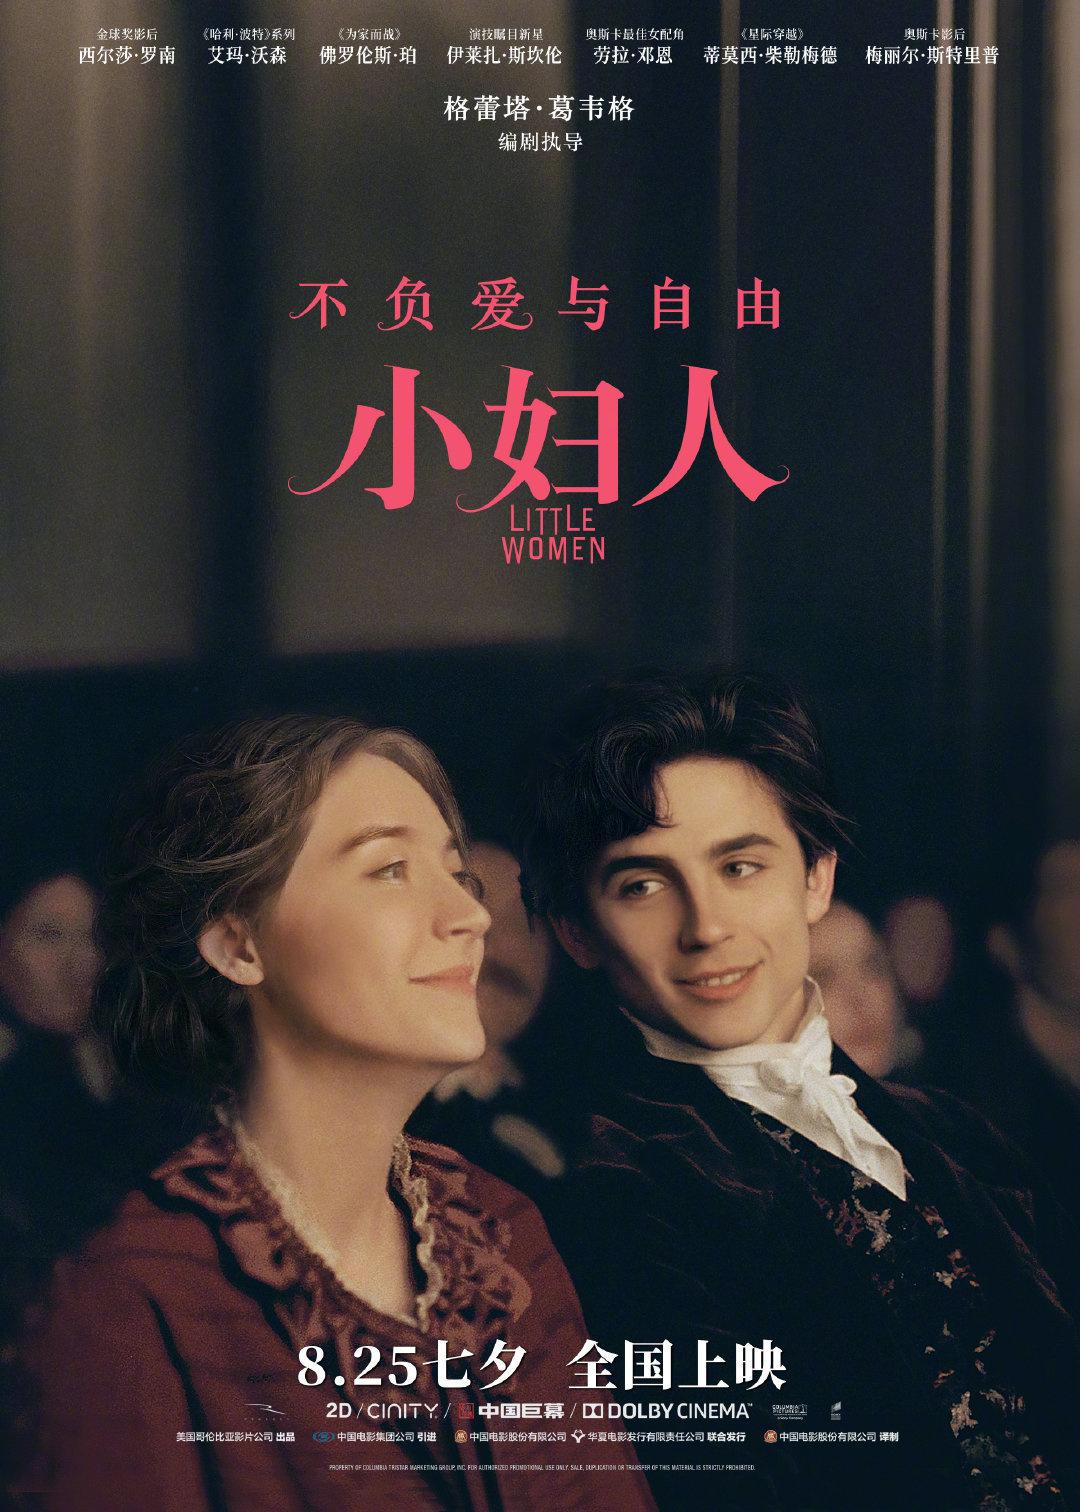 欧博代理:奥斯卡获奖片《小妇人》曝定档预告 将于8.25上映 第2张